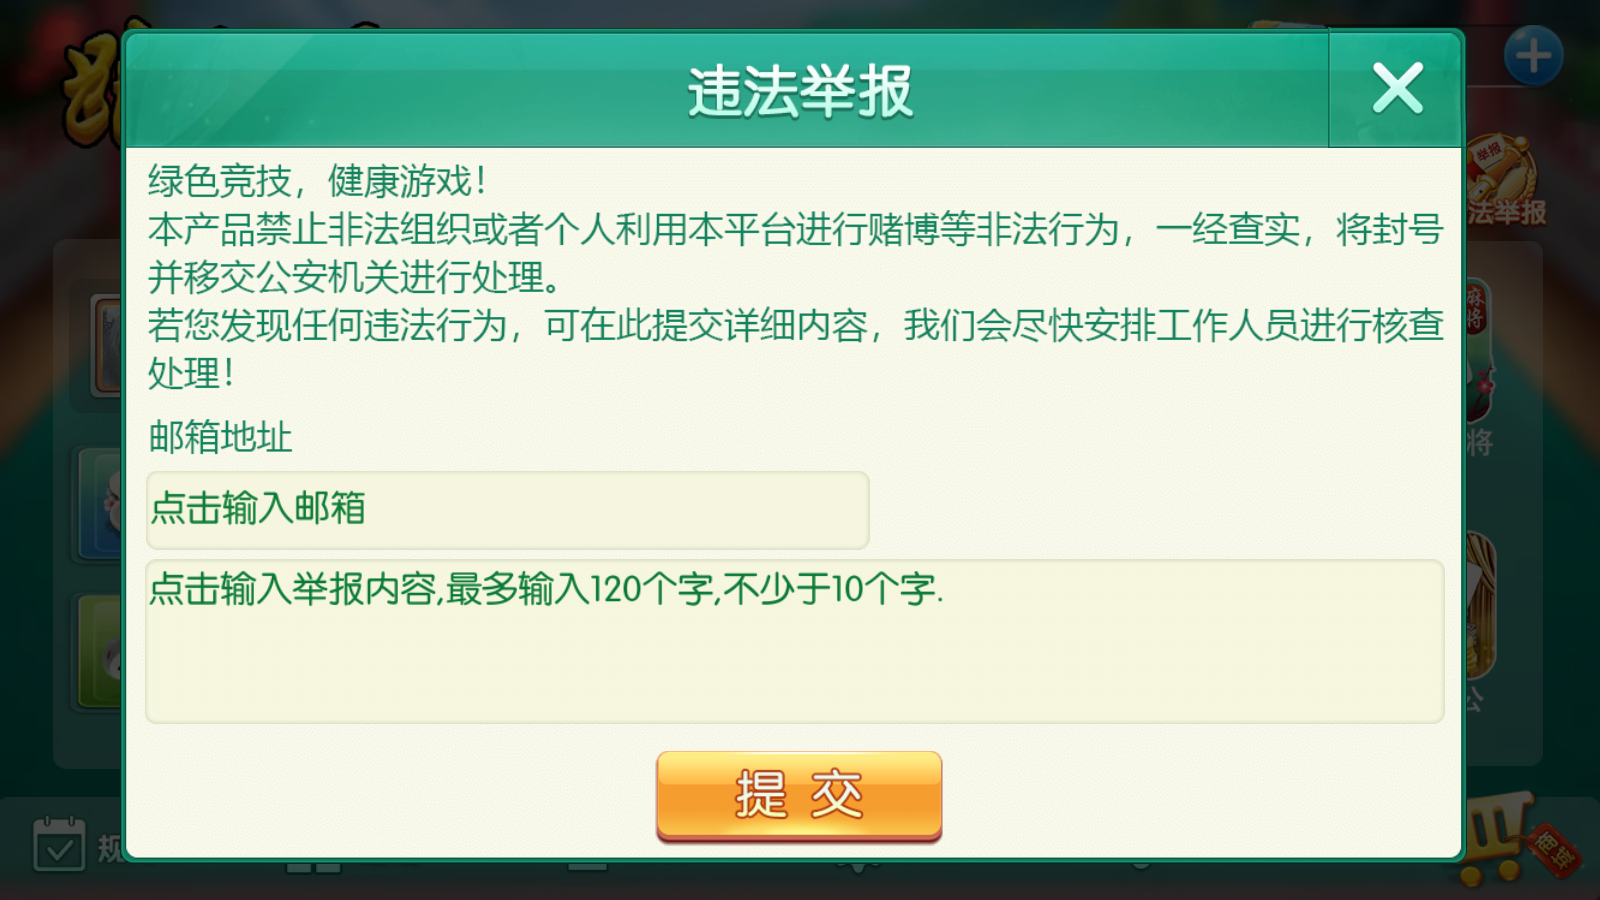 网狐二开跑胡子合集 麻将游戏 字牌游戏 扑克游戏 完整整理-第5张